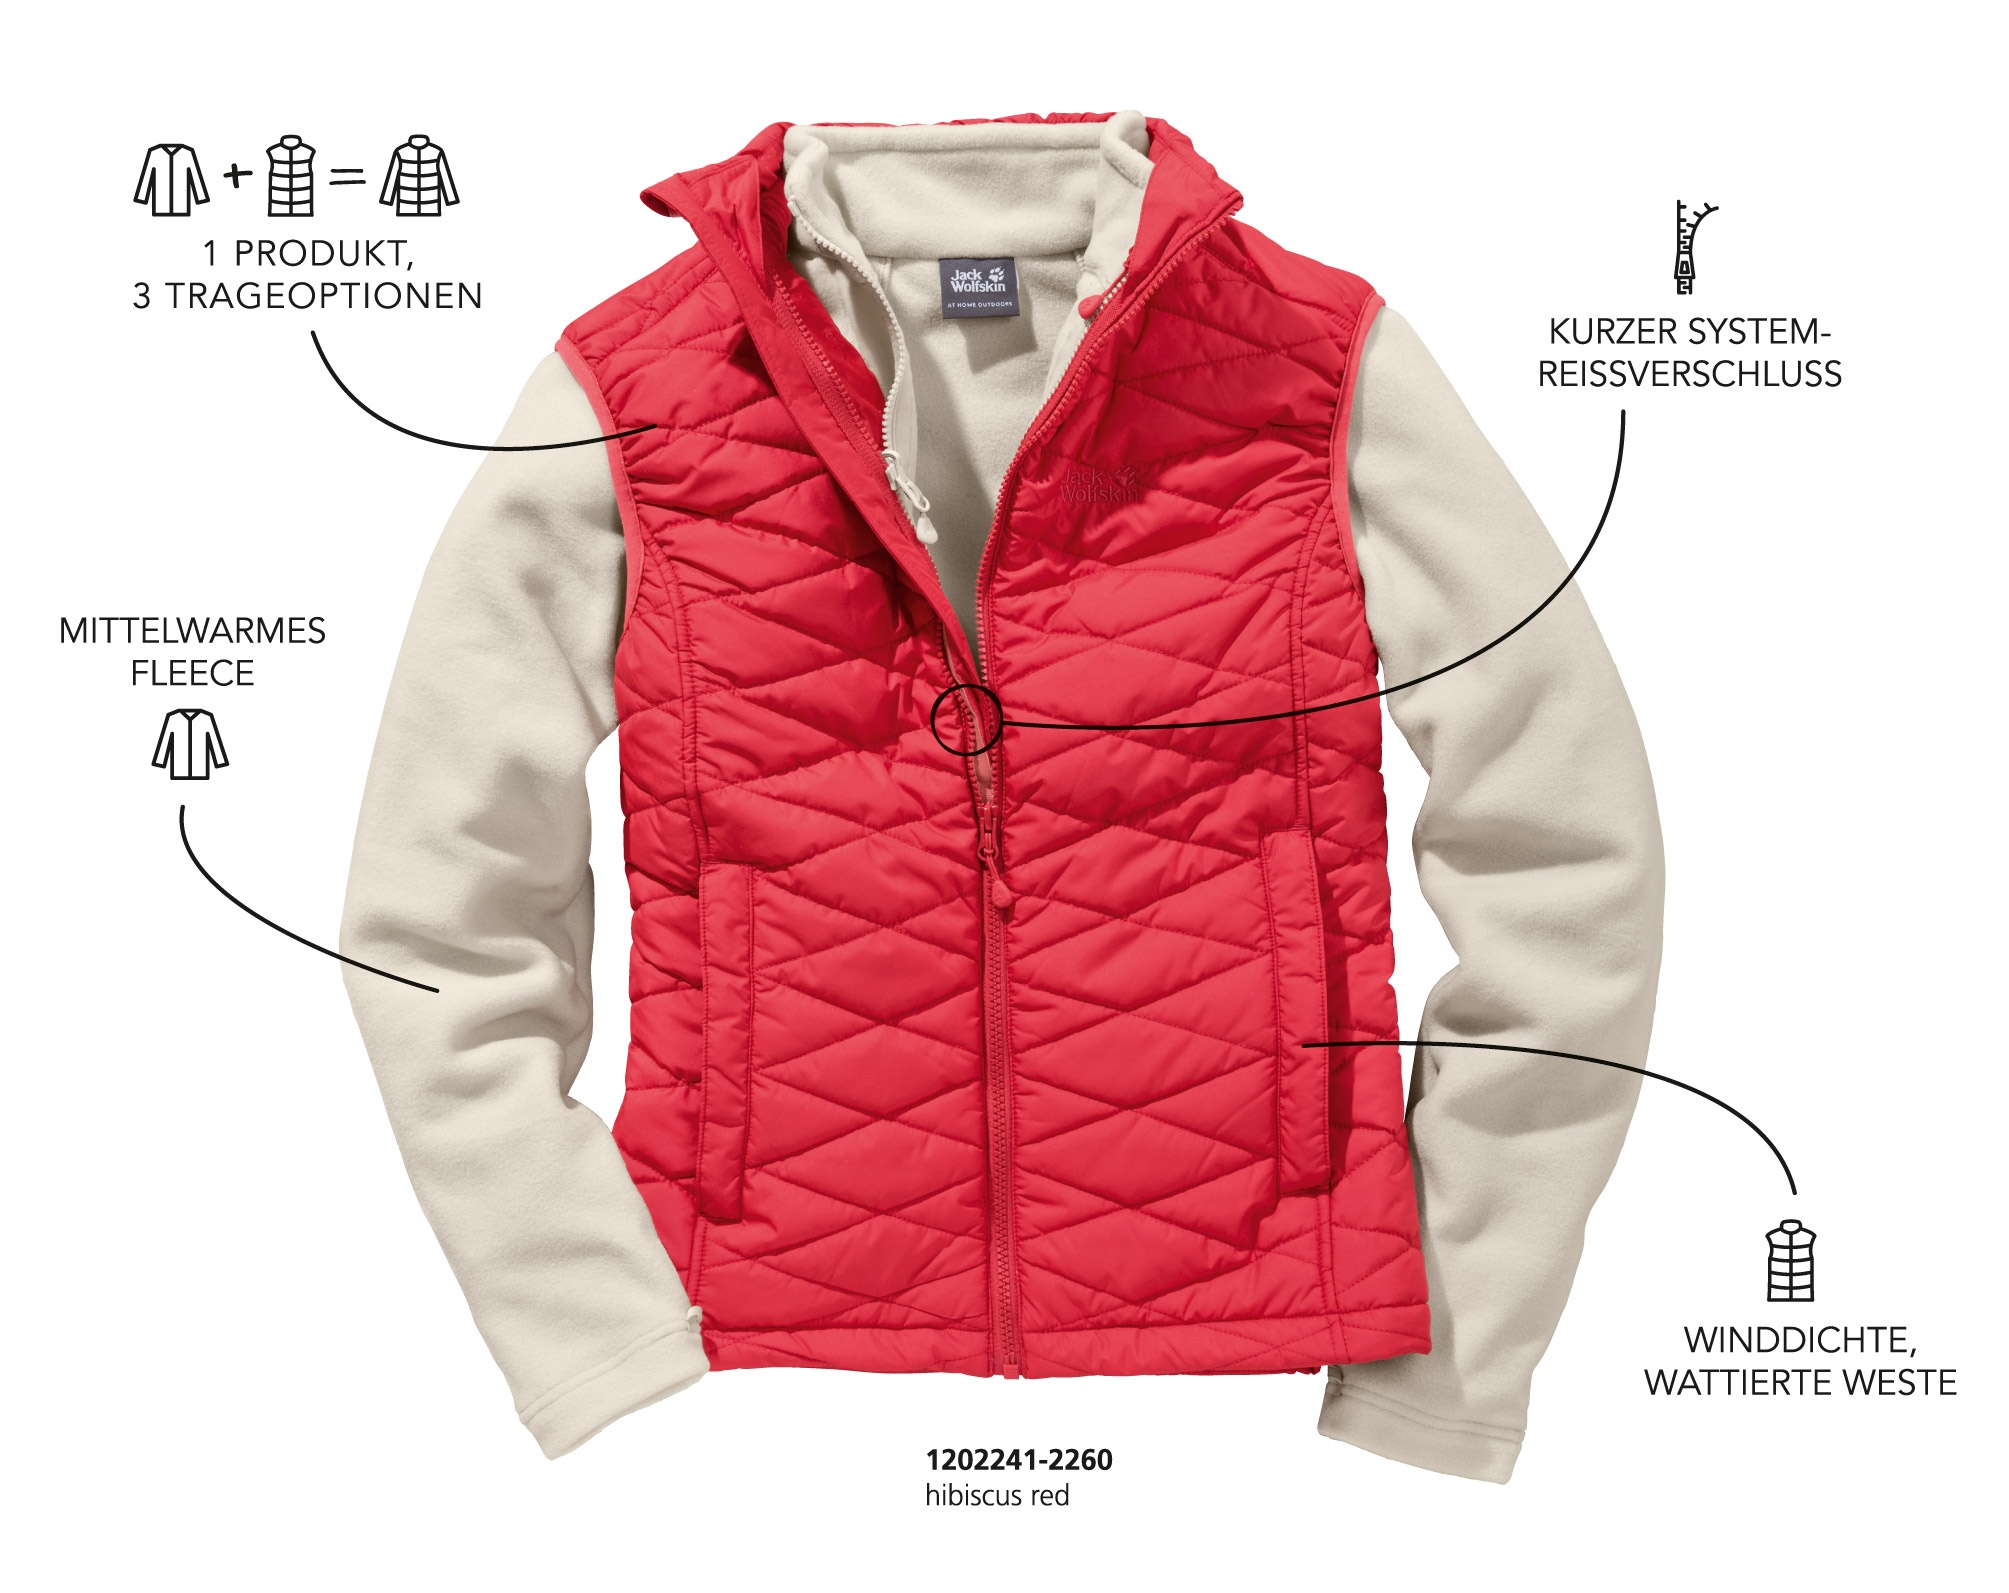 Sportartikel & Sportbekleidung online bestellen im engelhorn